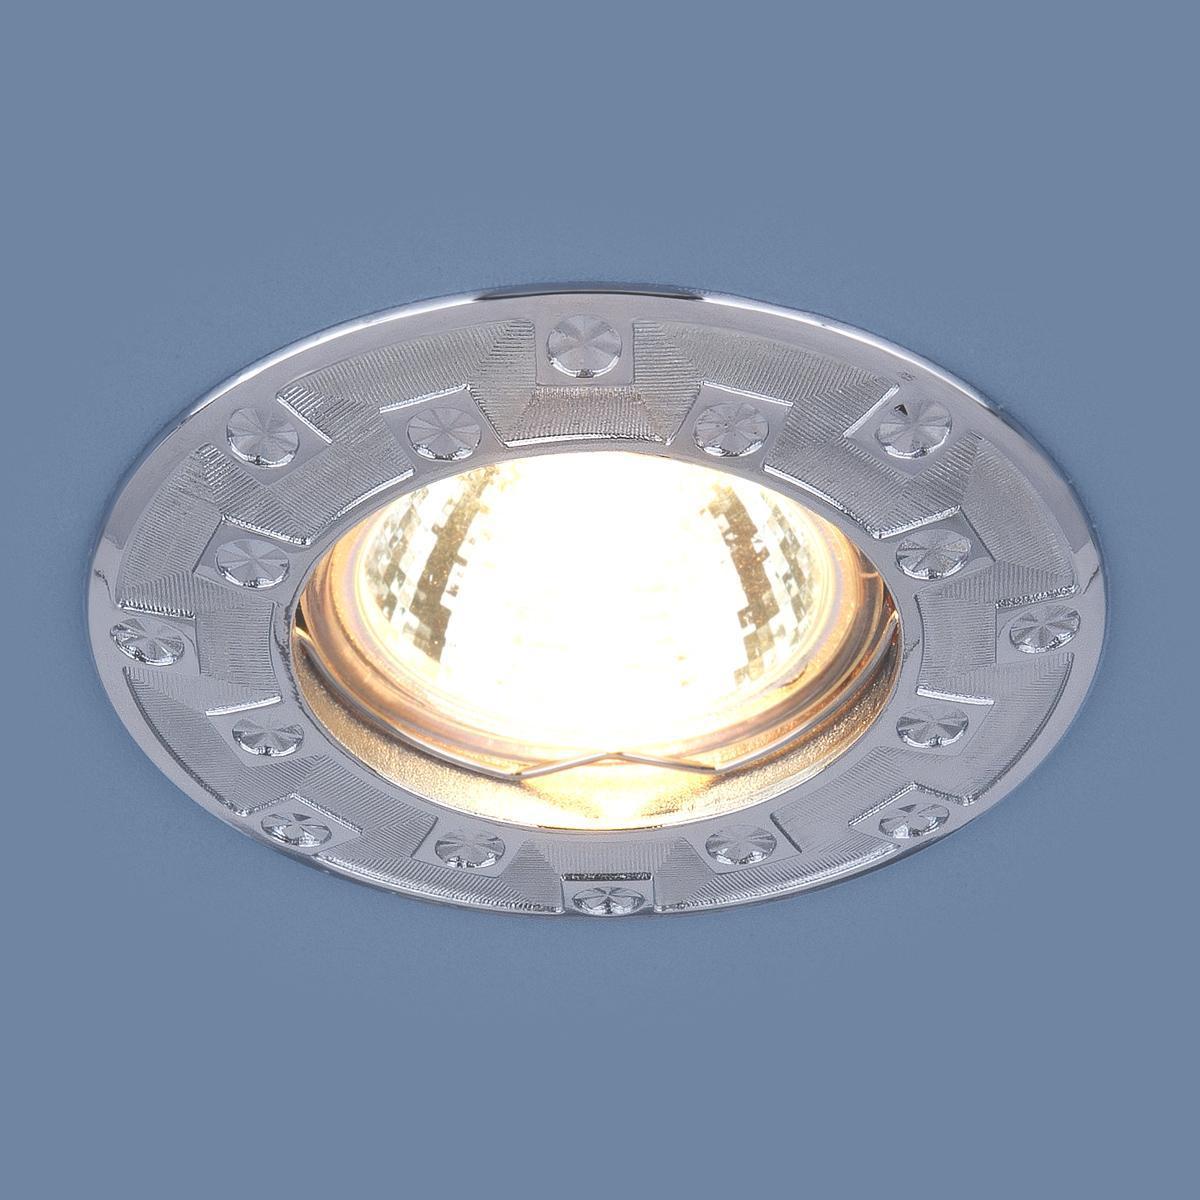 Фото - Встраиваемый светильник Elektrostandard 7202 MR16 CH хром 4690389044168 cветильник галогенный de fran встраиваемый 1х50вт mr16 ip20 зел античное золото